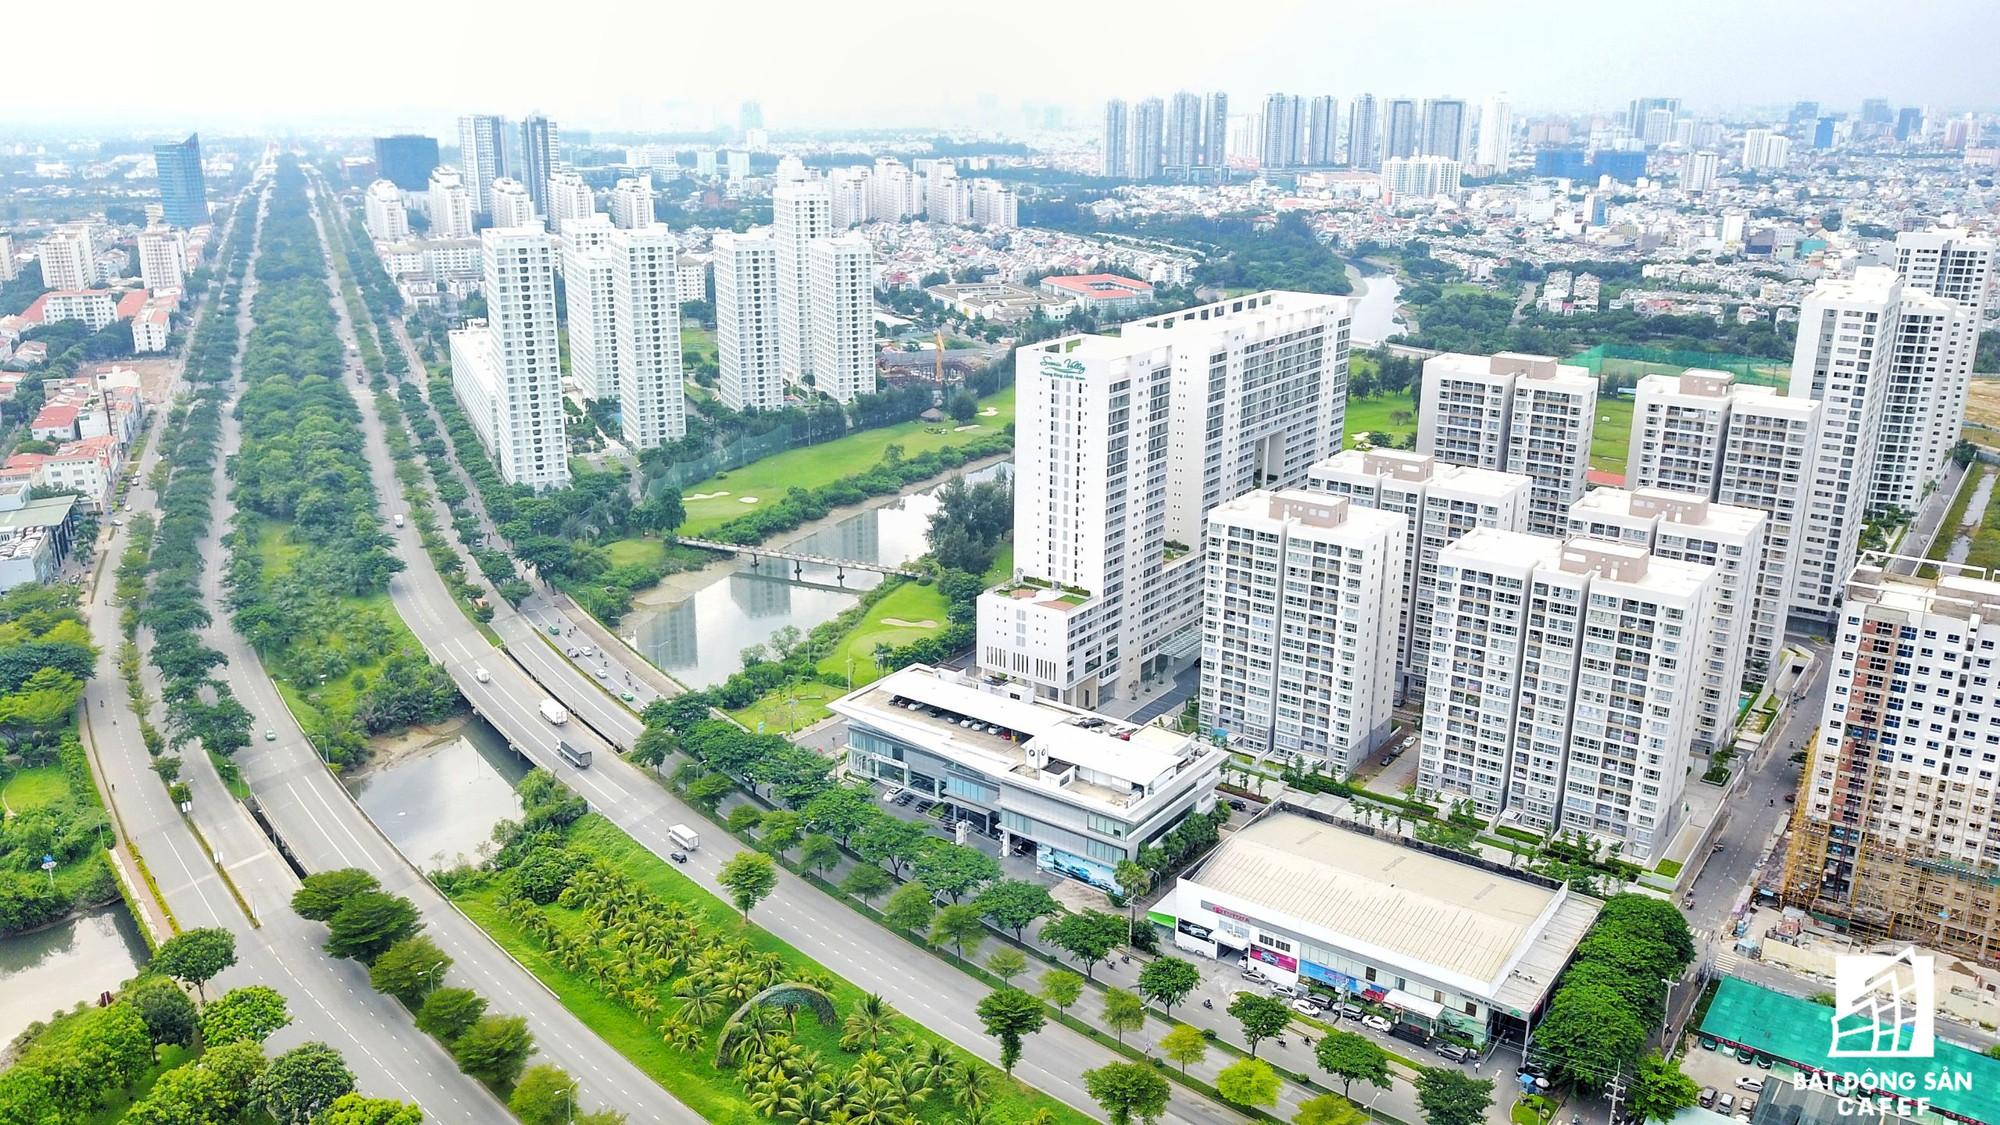 Toàn cảnh đại lộ tỷ đô đã tạo nên một thị trường bất động sản rất riêng cho khu Nam Sài Gòn - Ảnh 25. Toàn cảnh đại lộ tỷ đô đã tạo nên một thị trường bất động sản rất riêng cho khu Nam Sài Gòn Toàn cảnh đại lộ tỷ đô đã tạo nên một thị trường bất động sản rất riêng cho khu Nam Sài Gòn hinh 37 1567221019721358837157